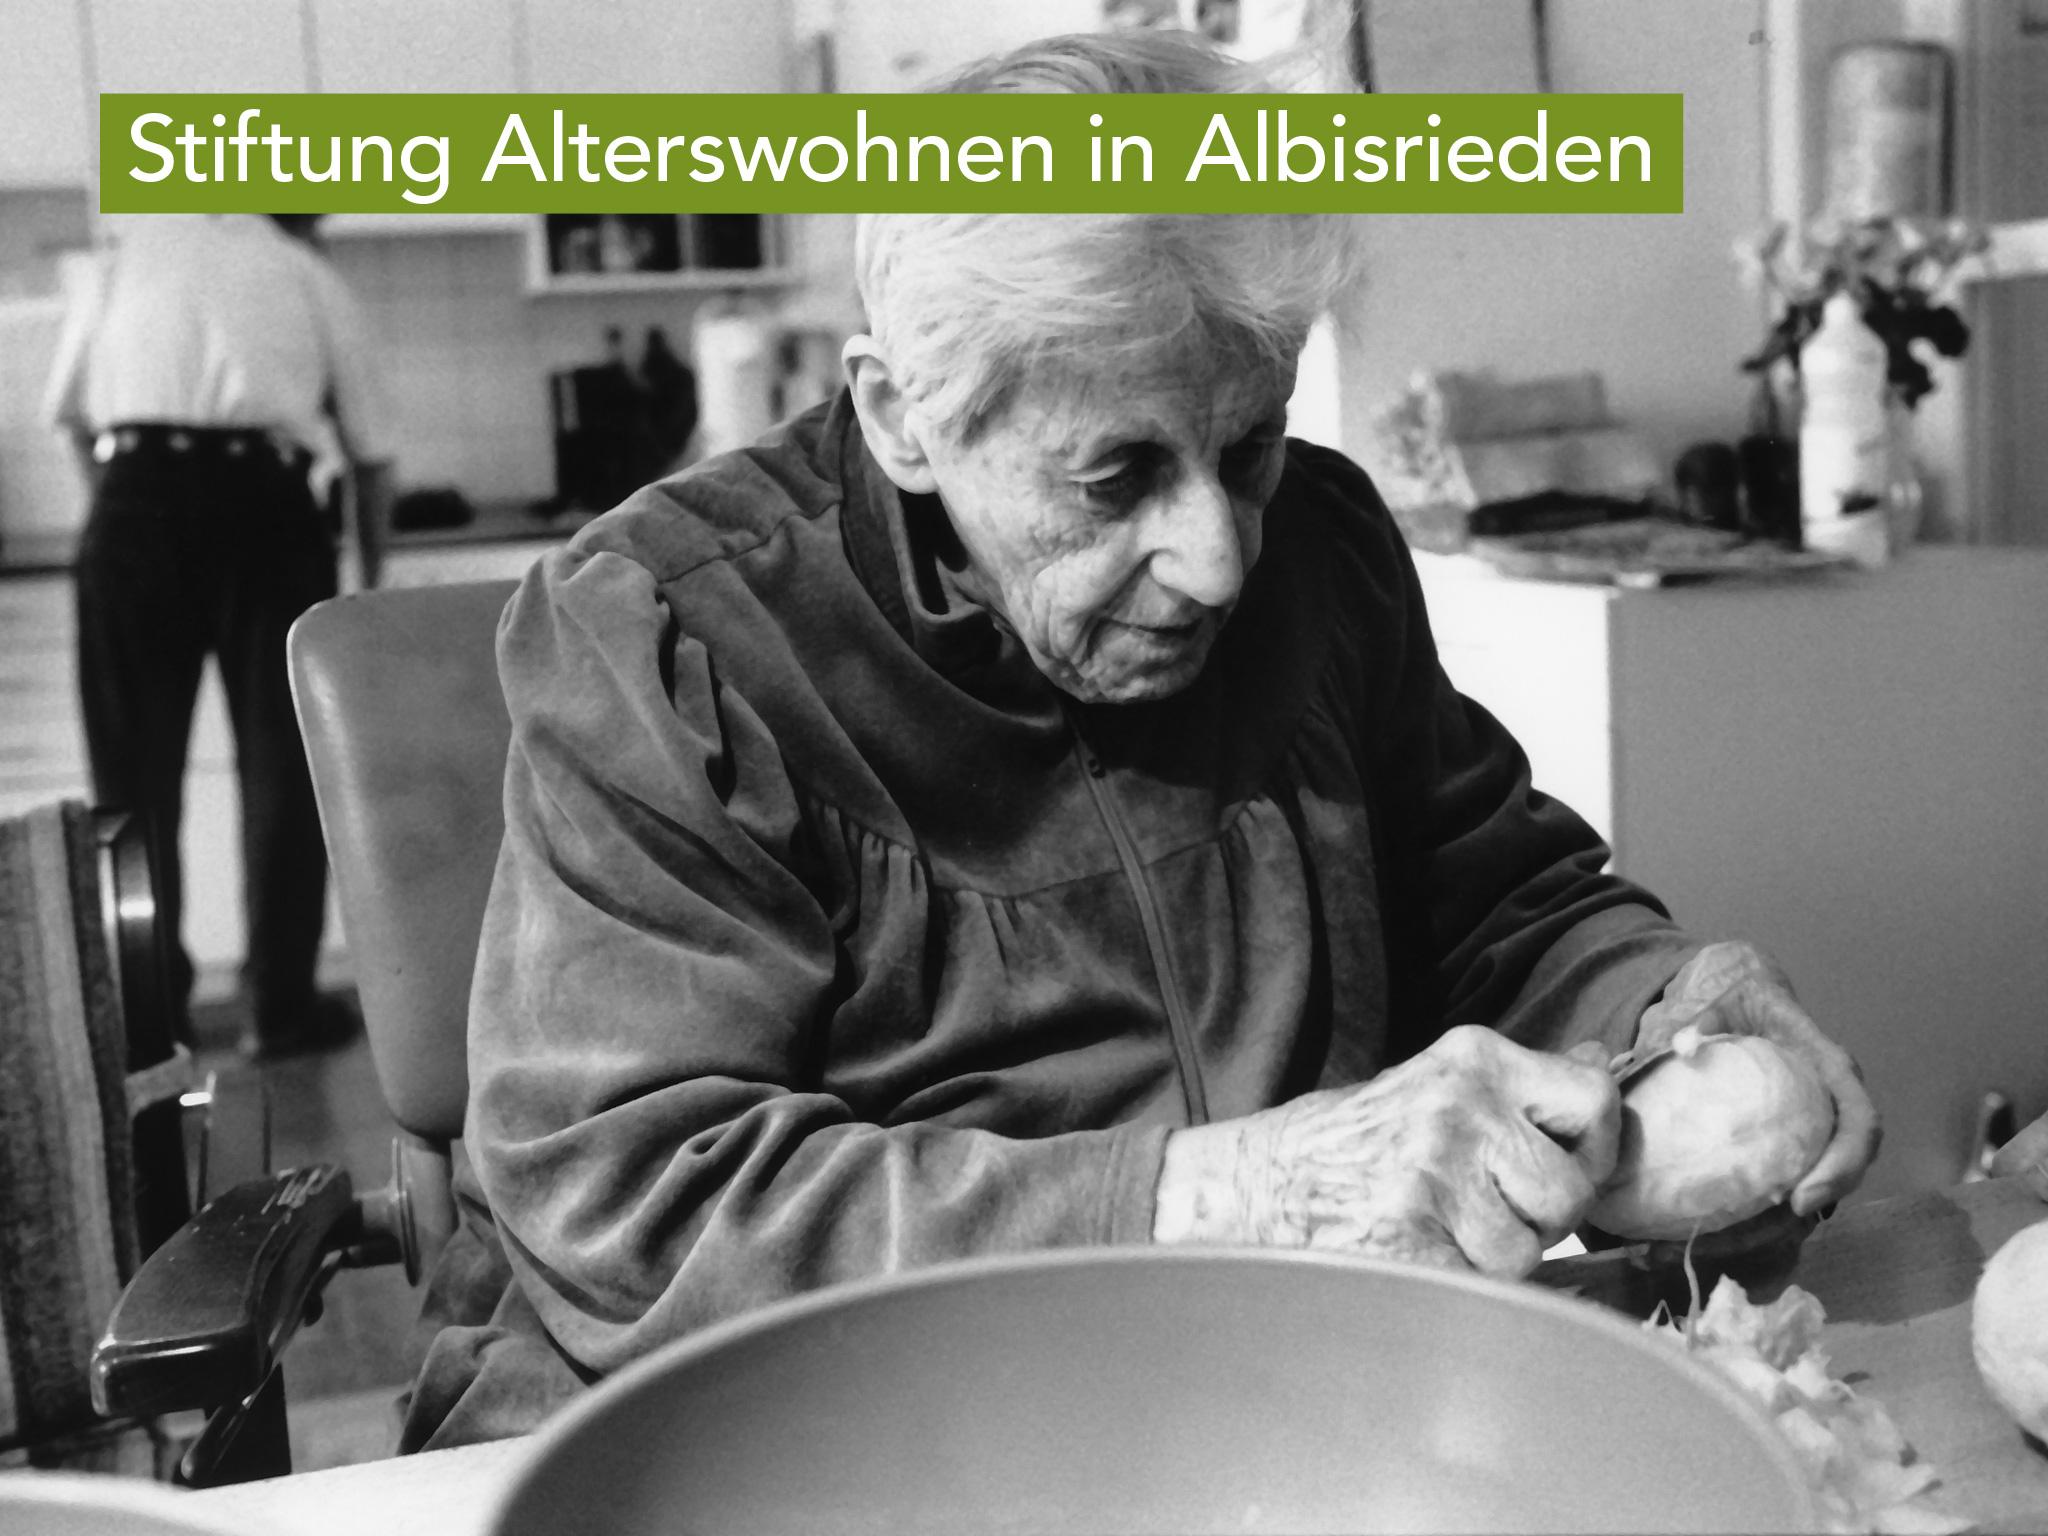 Stiftung Alterswohnen in Albisrieden